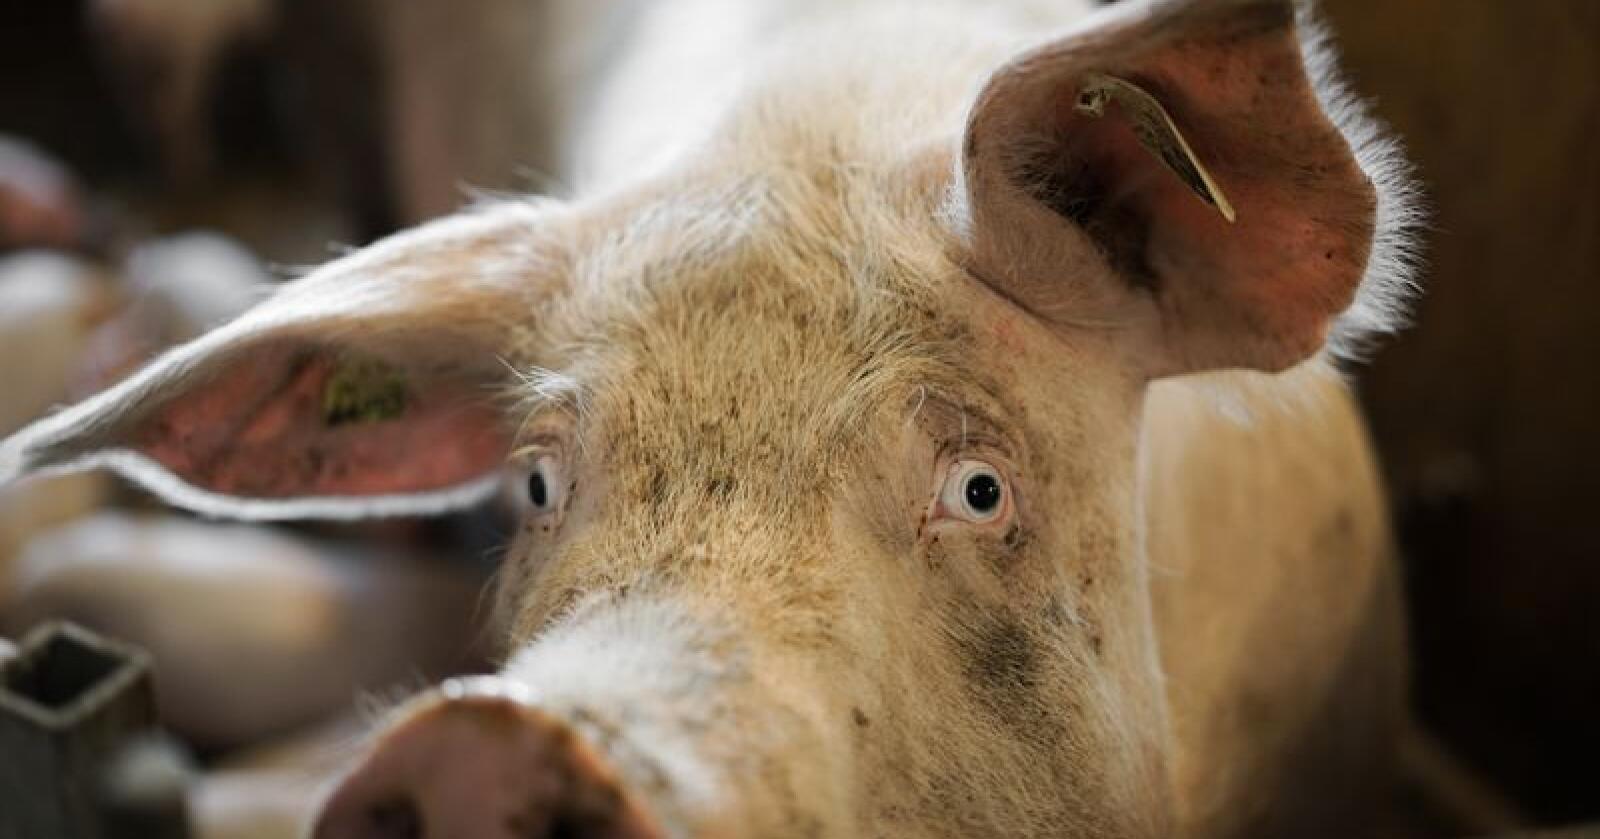 En ny dokumentar som tar for seg norsk svinenæring skal etter planen sendes på NRK før sommeren. Illustrasjonsfoto: Benjamin Hernes Vogl